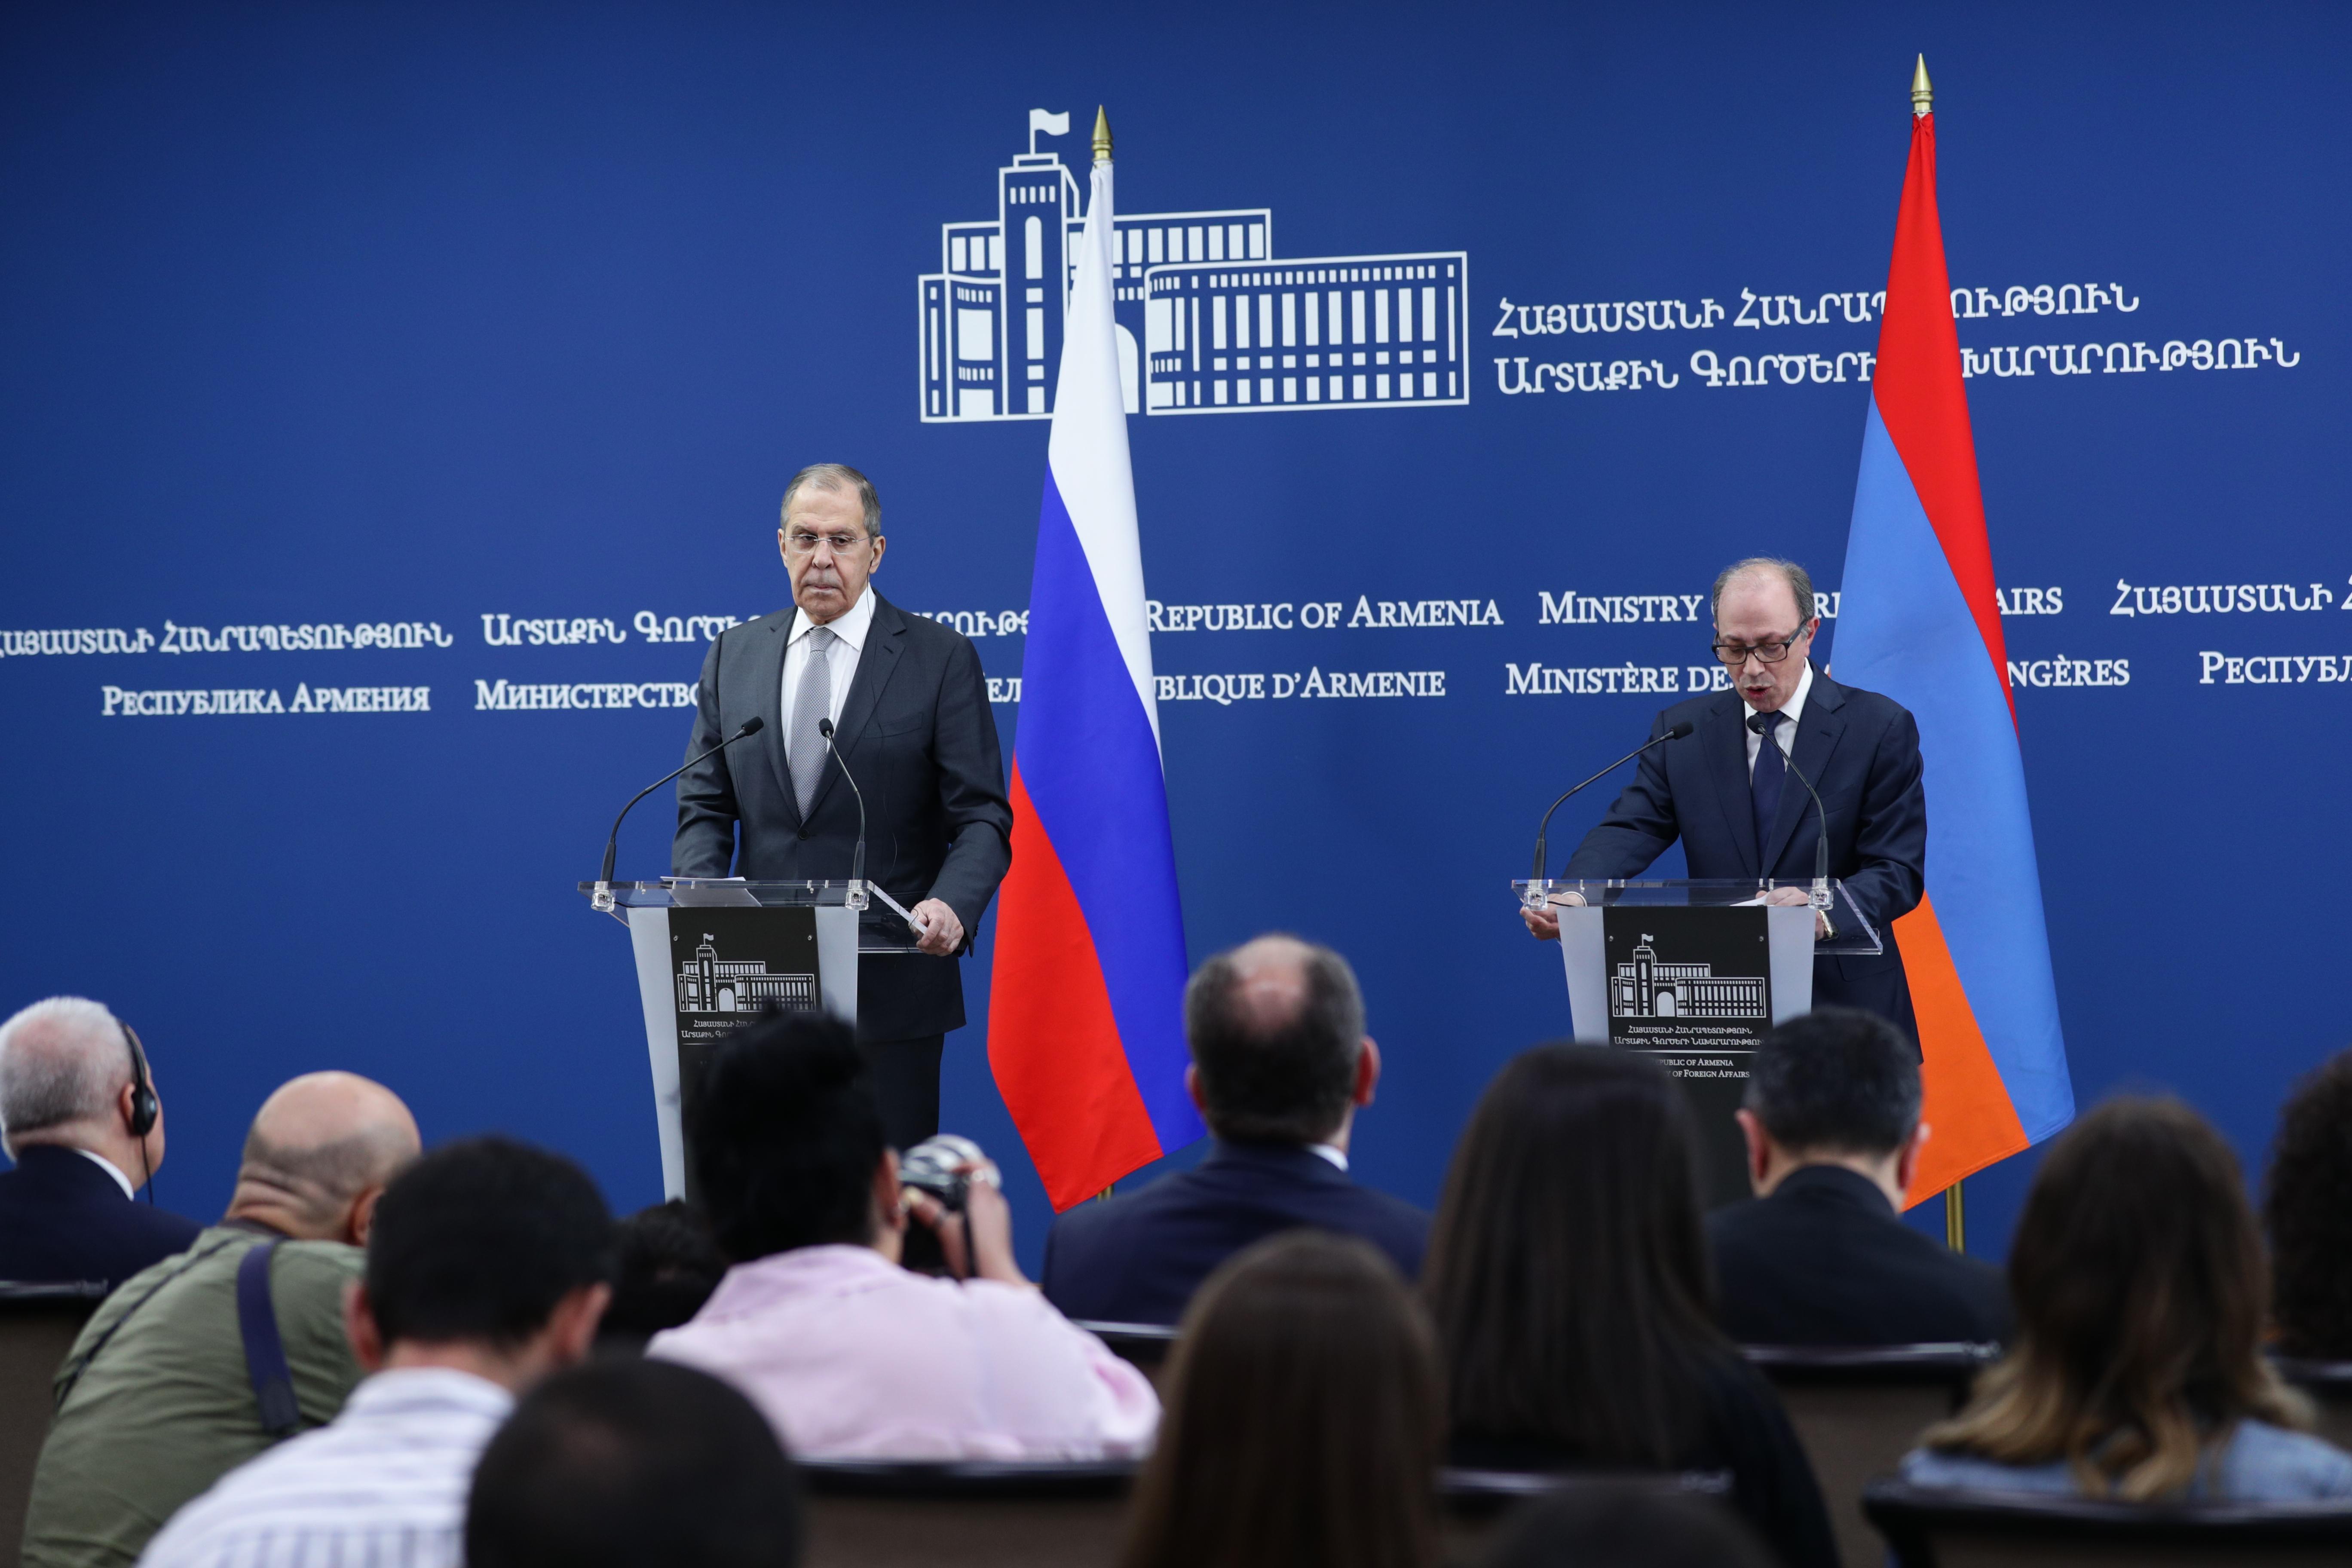 6 mai 202115H51 Allocution du Ministre des affaires étrangères Sergueï Lavrov avec le Ministre des affaires étrangères par intérim de la République d'Arménie Ara Ayvazyan, Erevan,